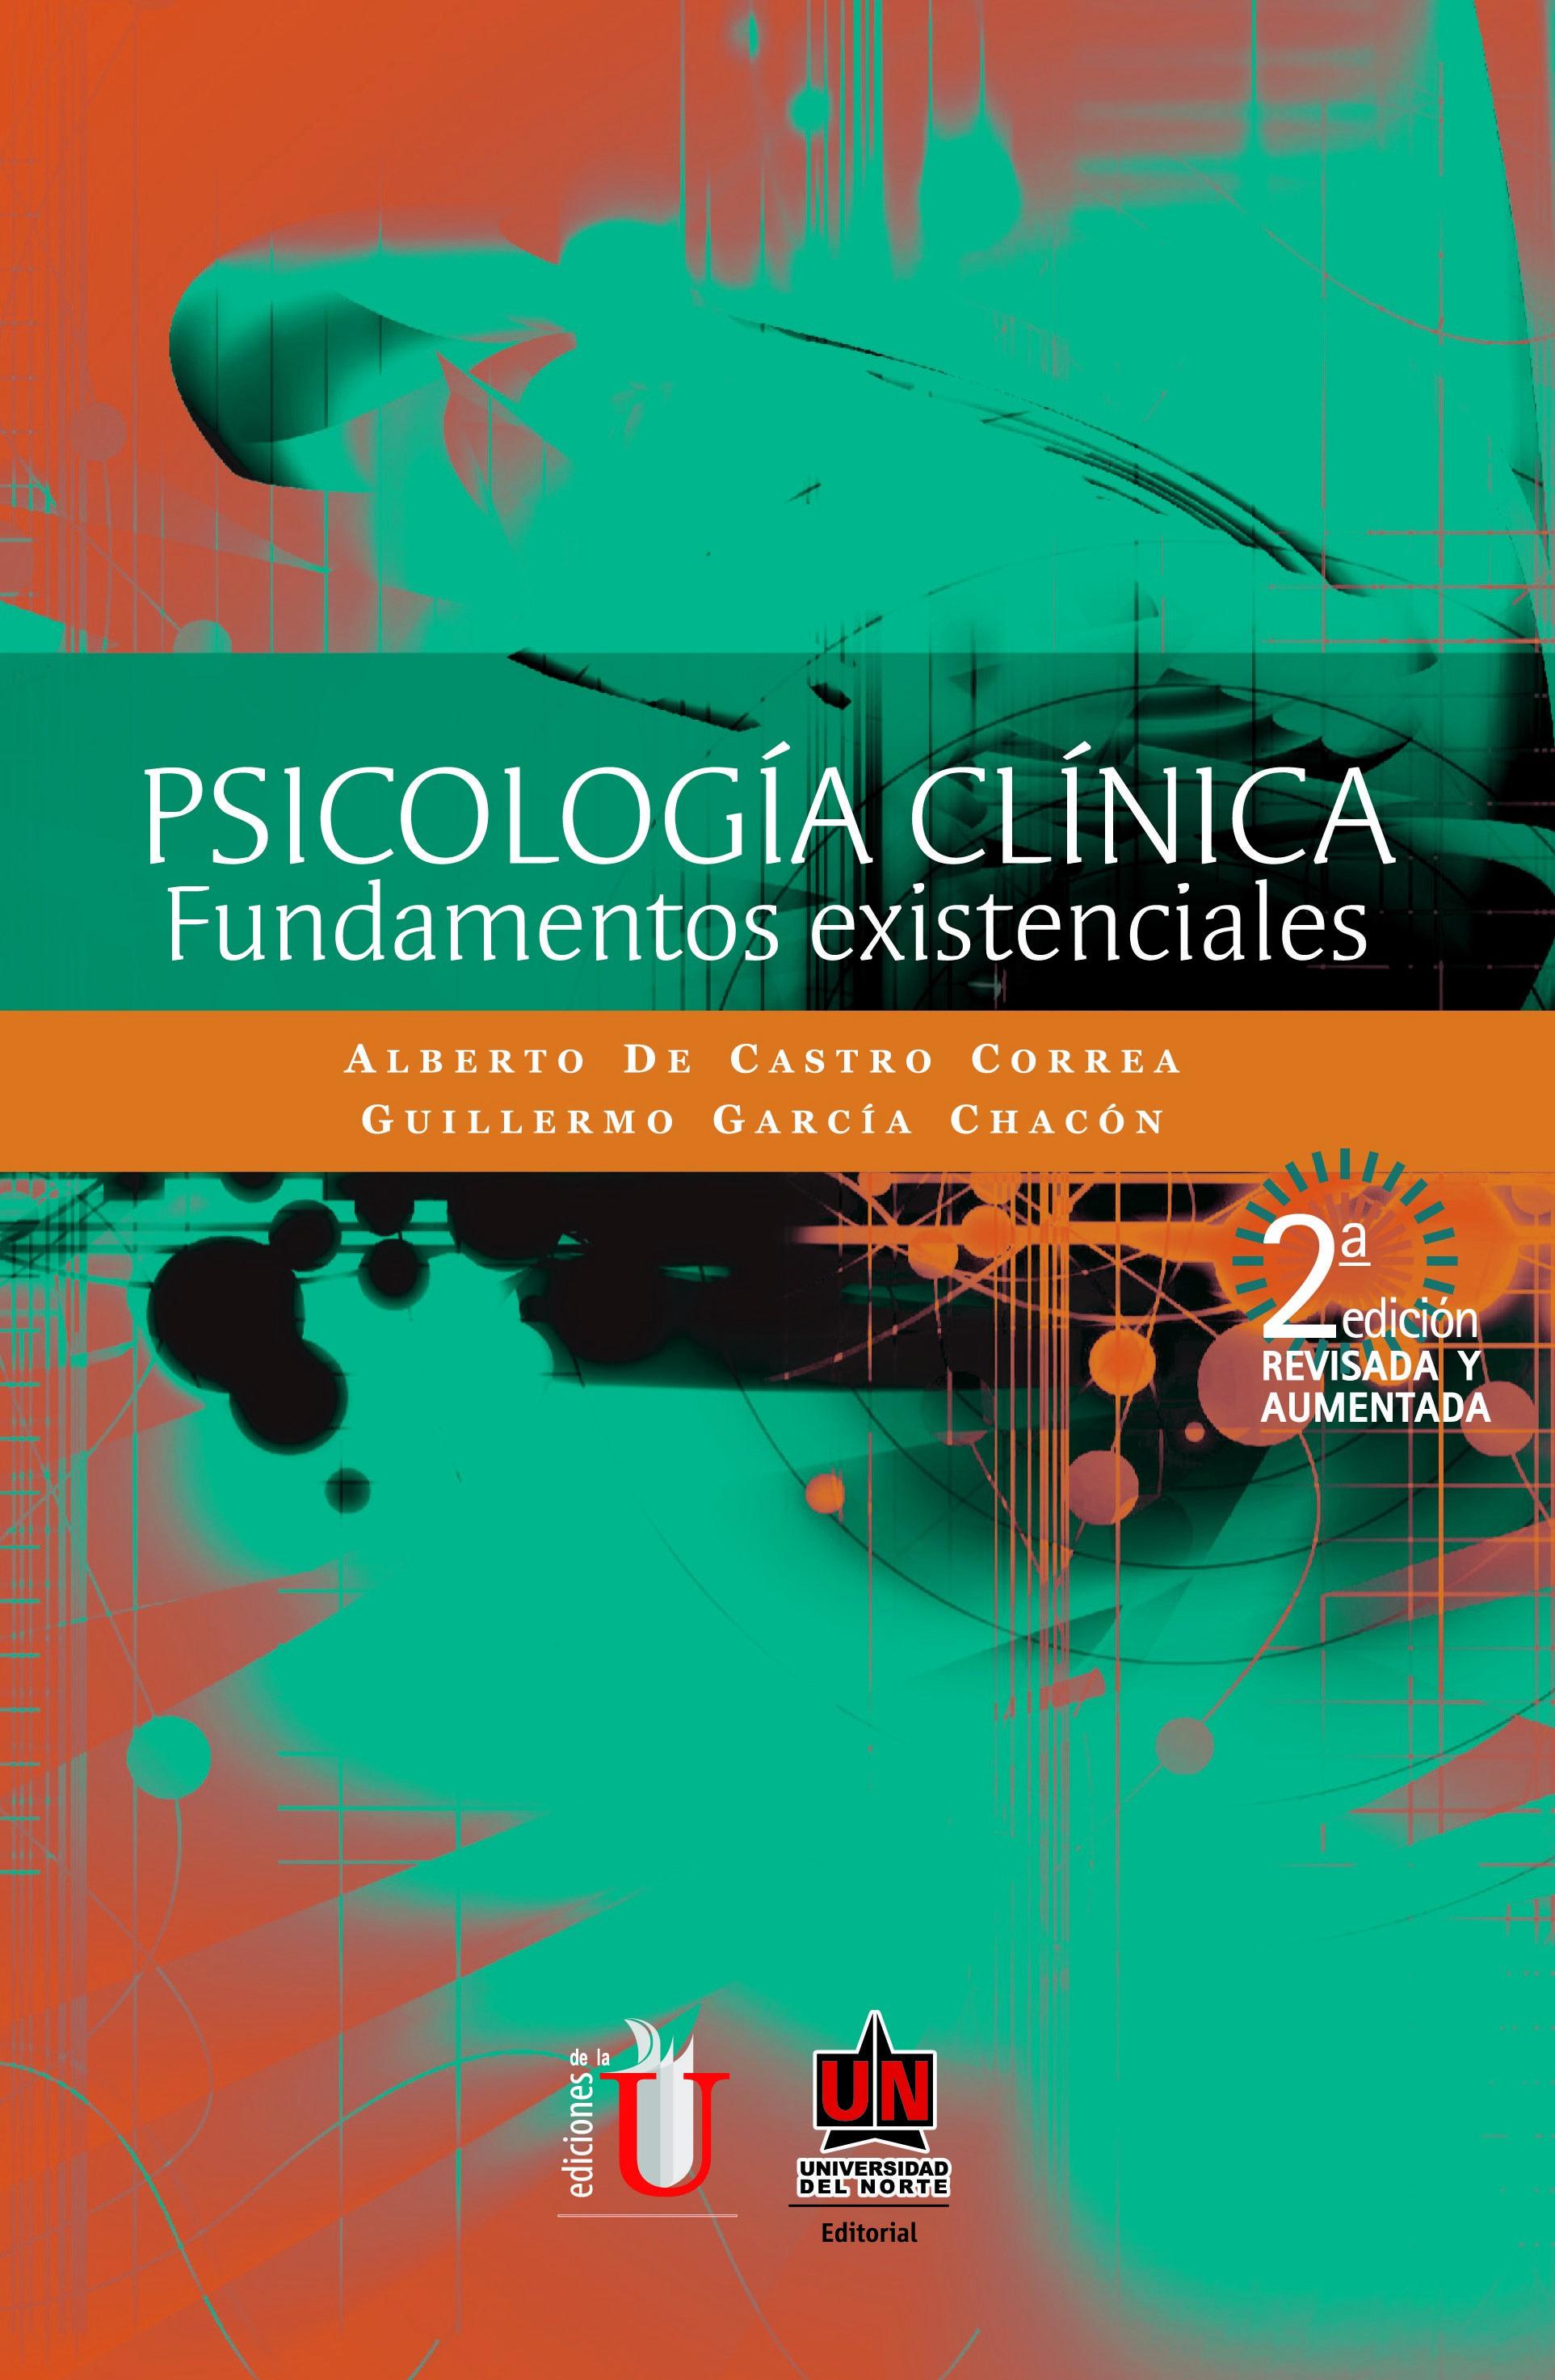 Fundamentos epistemológicos de la psicología fenomenológica existencial